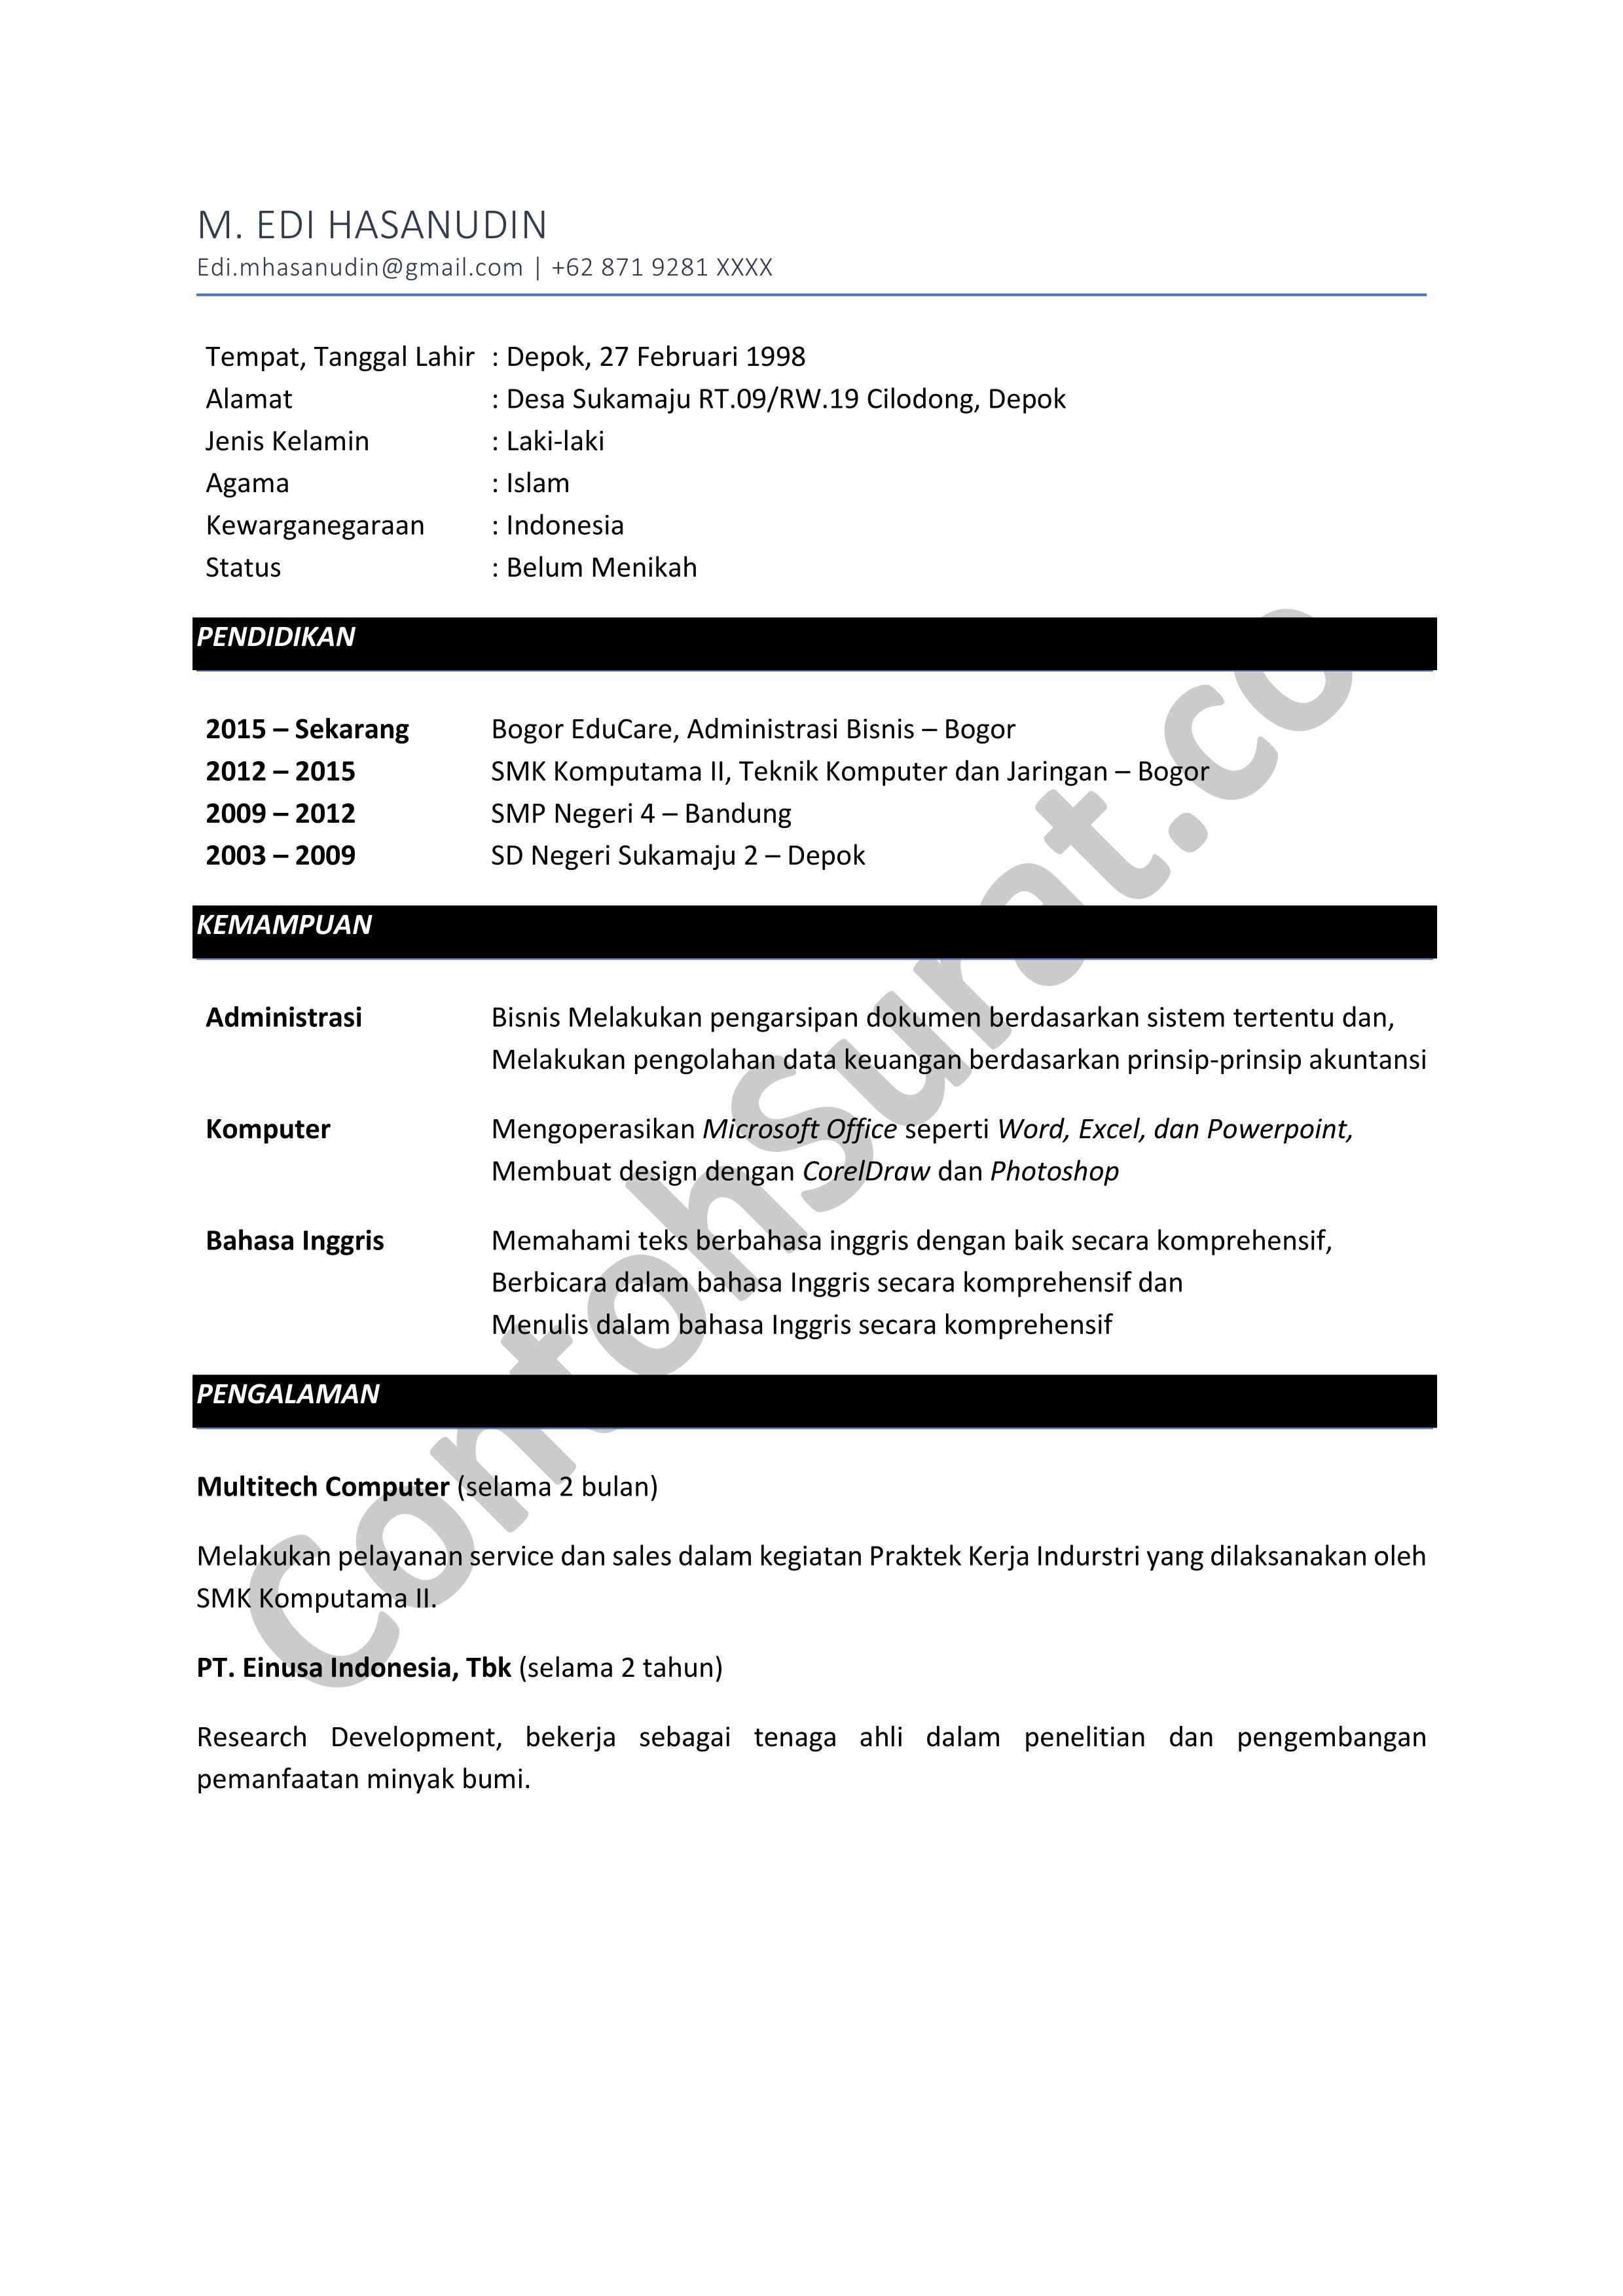 Contoh CV Daftar Riwayat Hidup Dalam Bahasa Inggris